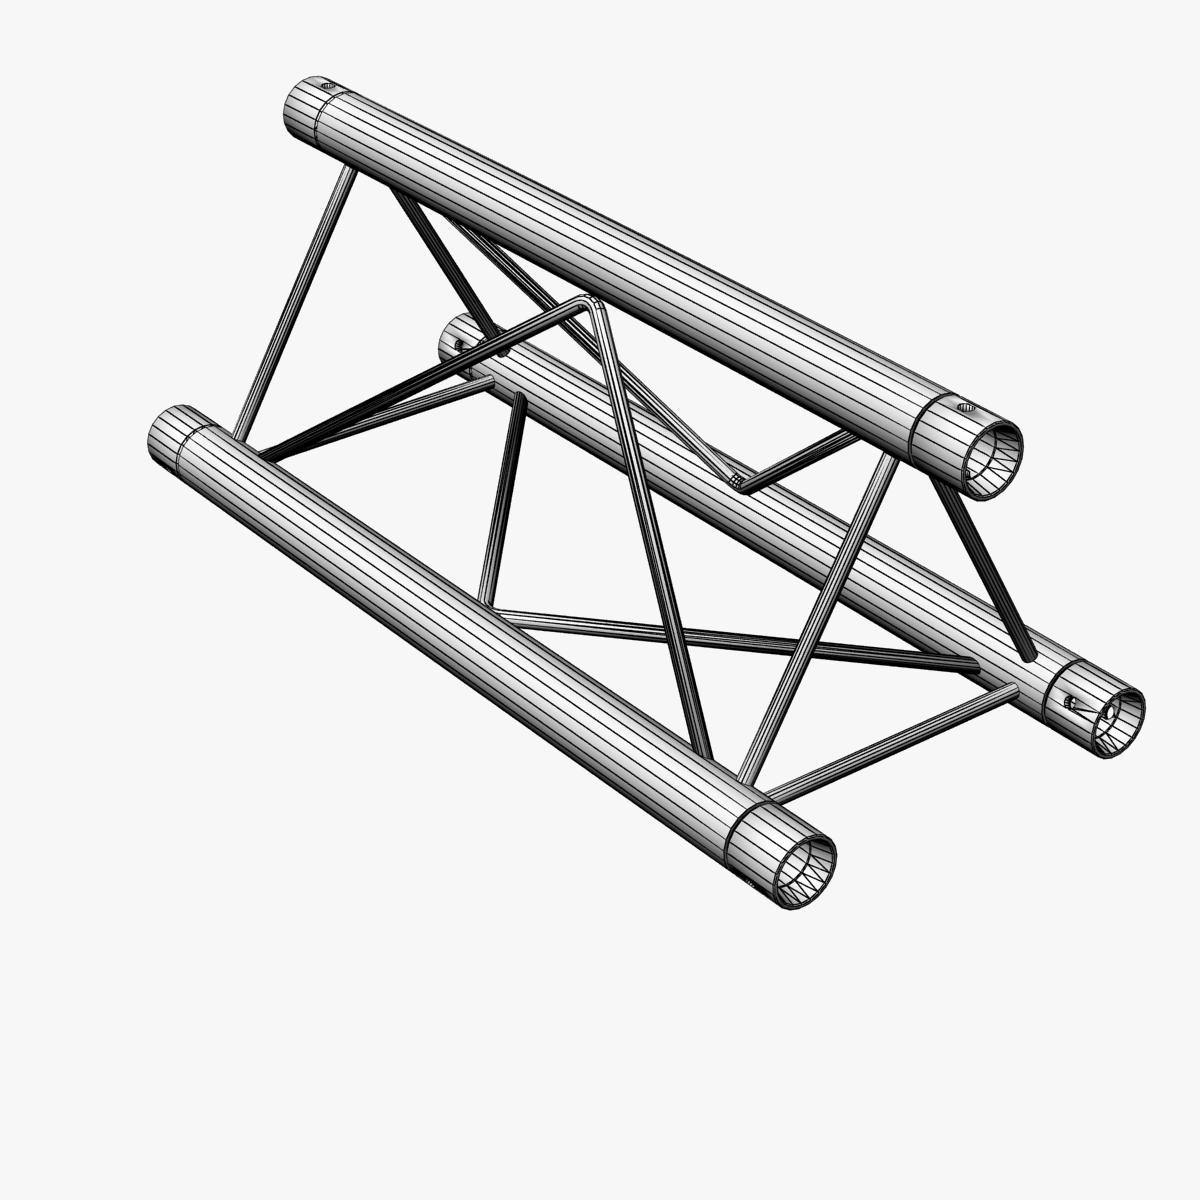 mini triangular truss straight segment 111 3d model 3ds max dxf fbx c4d  obj other 268880